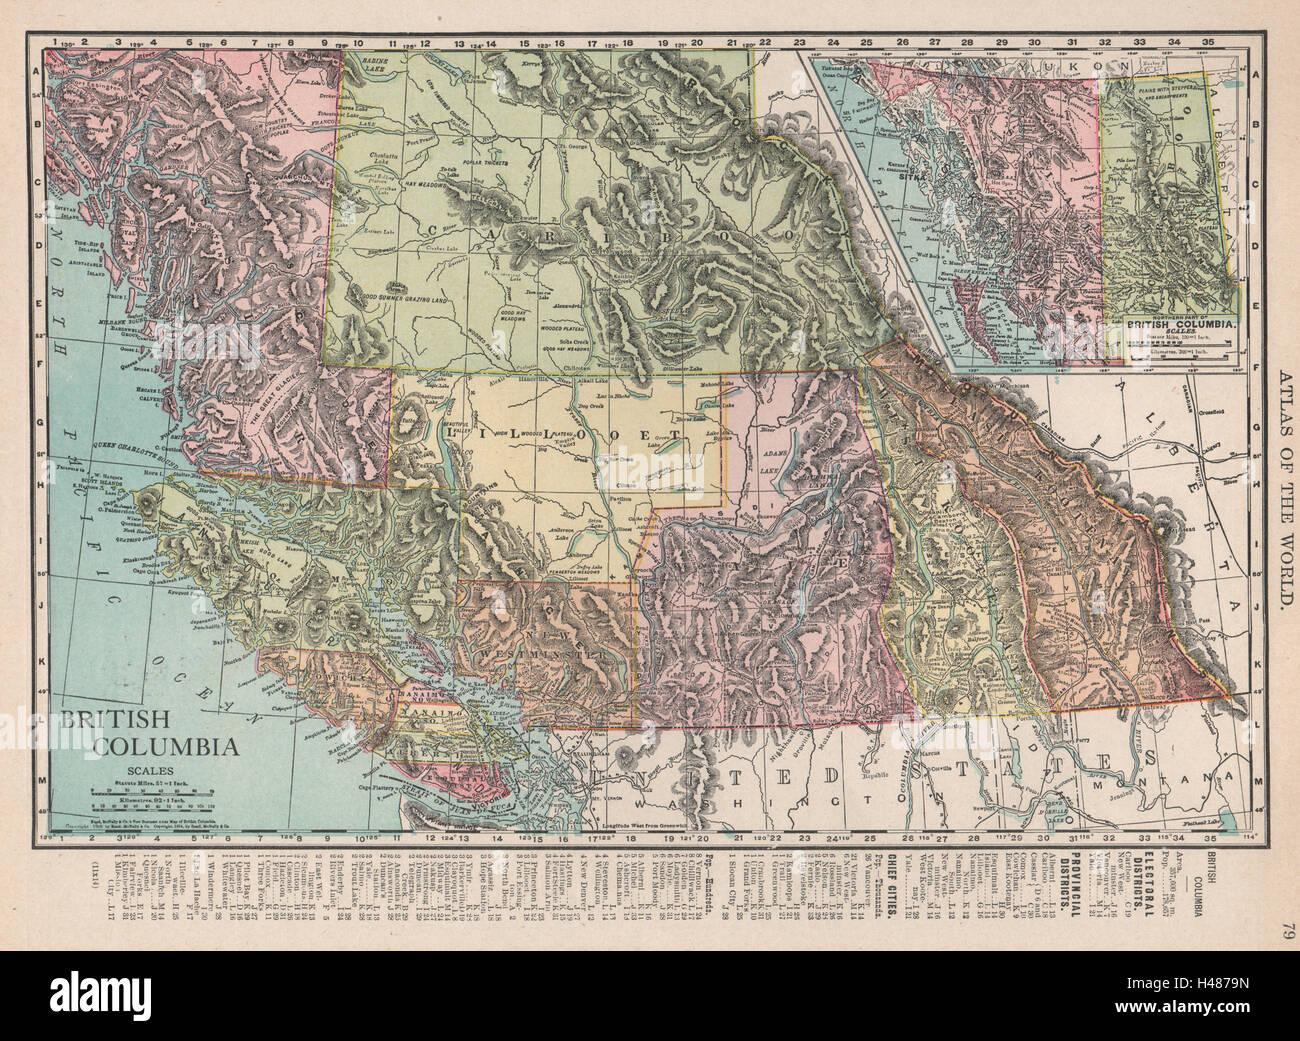 Rand Mcnally Canada Map British Columbia. Canada. RAND MCNALLY 1912 old antique vintage